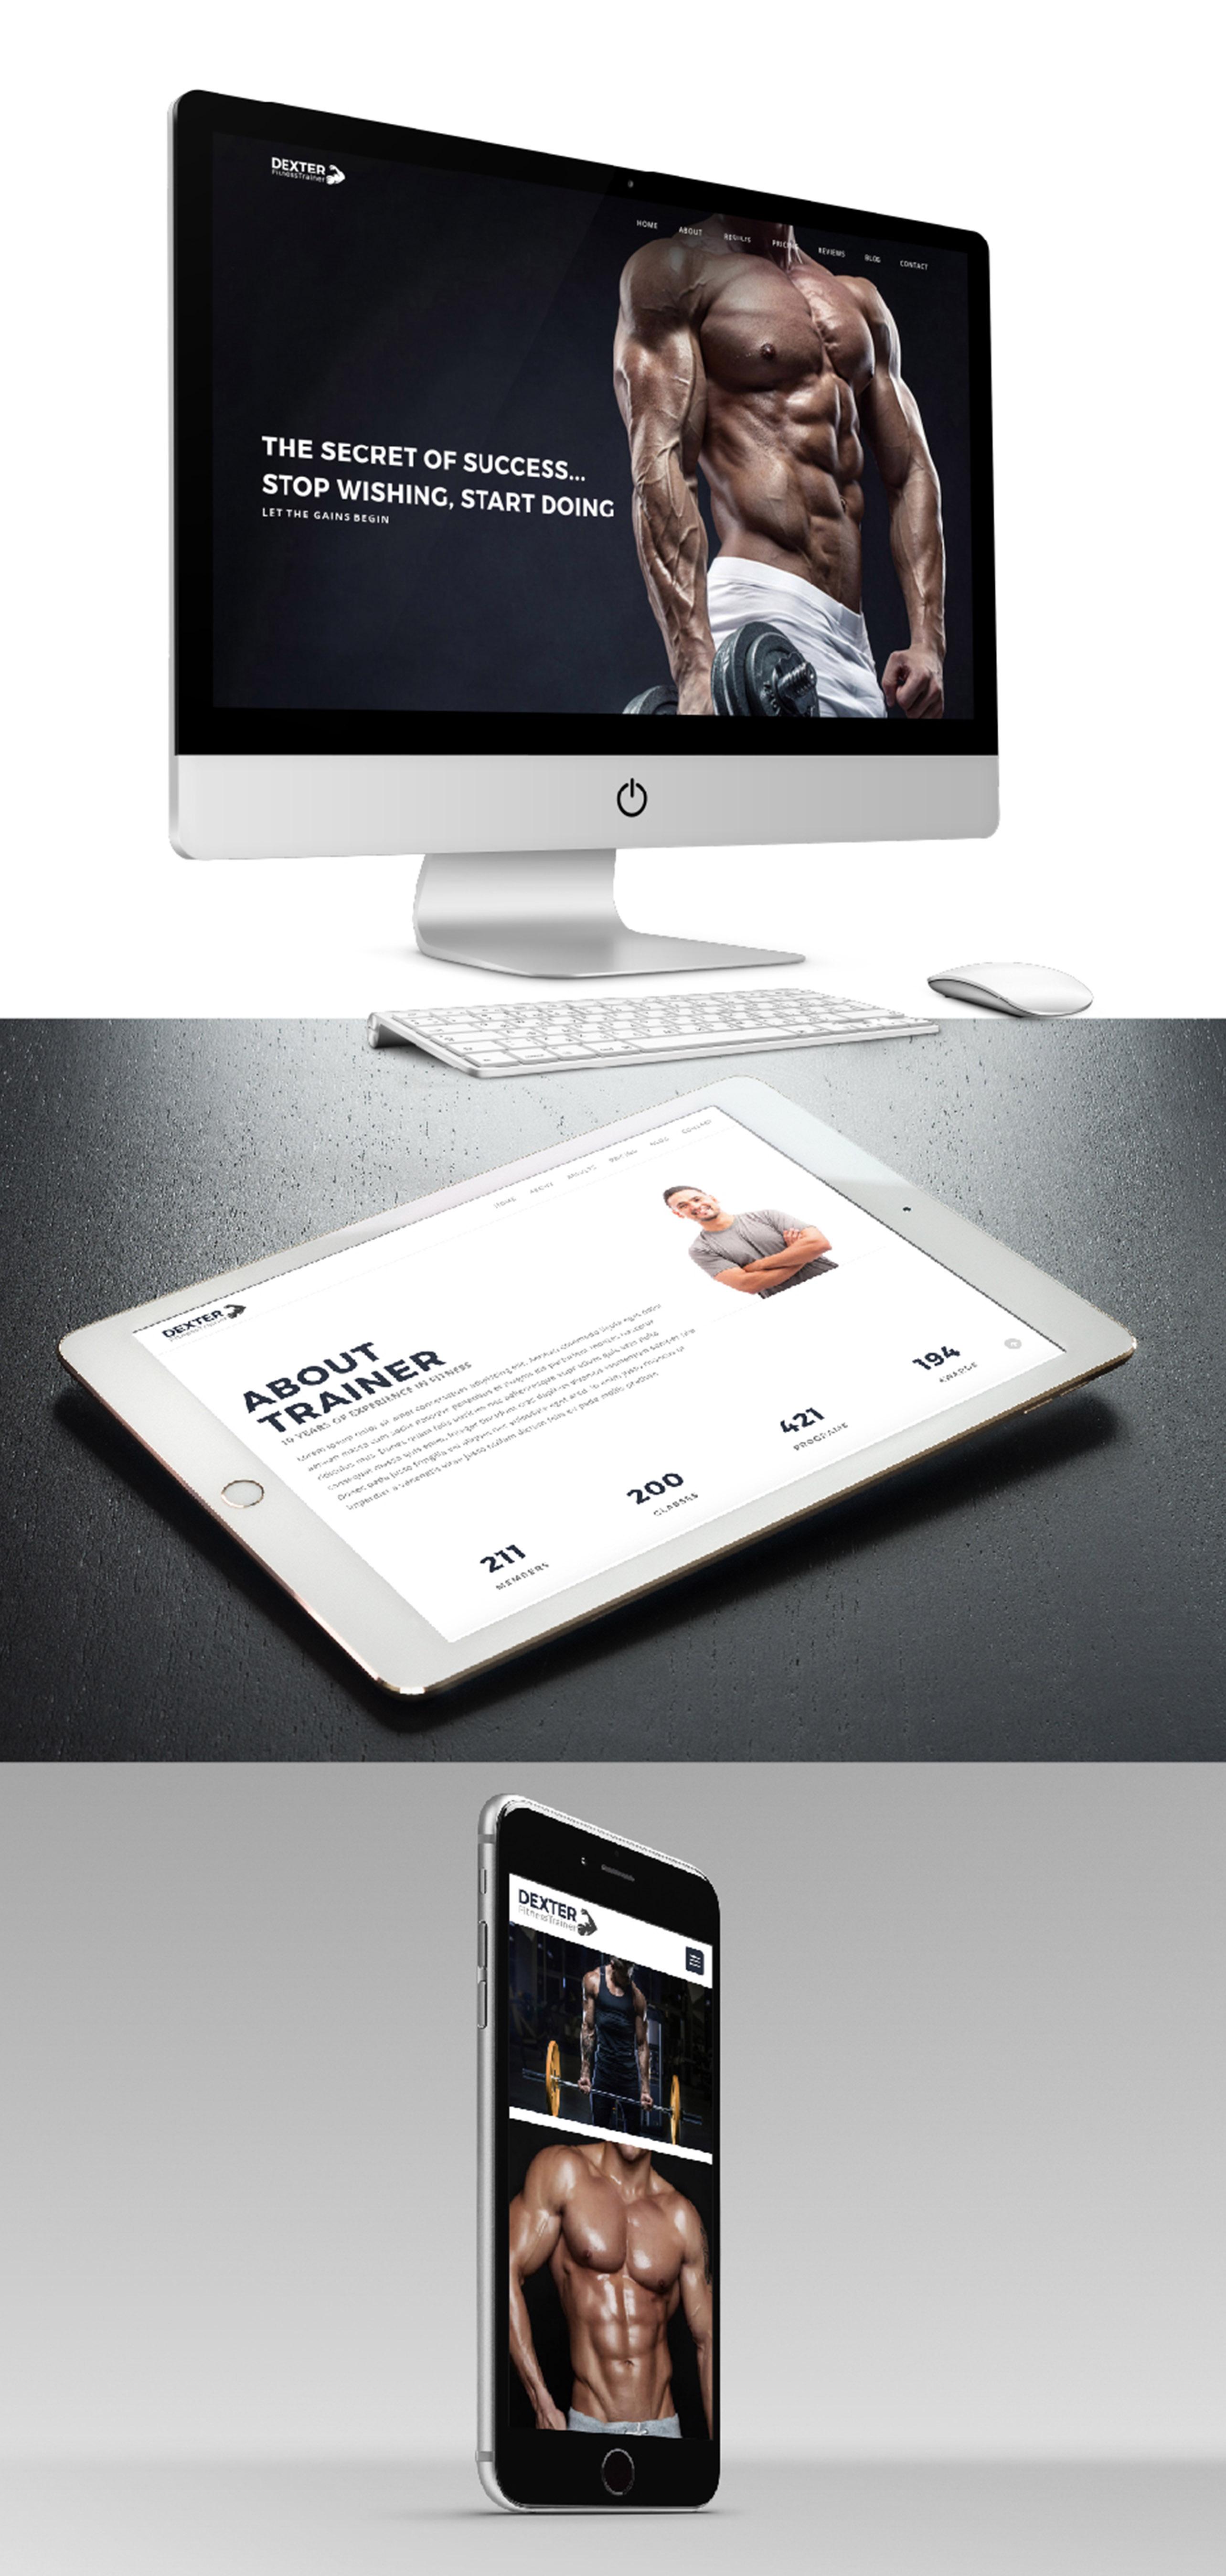 https://themeforest.net/item/dexter-fitness-trainer-one-page-html5-design/22872612?ref=dexignzone